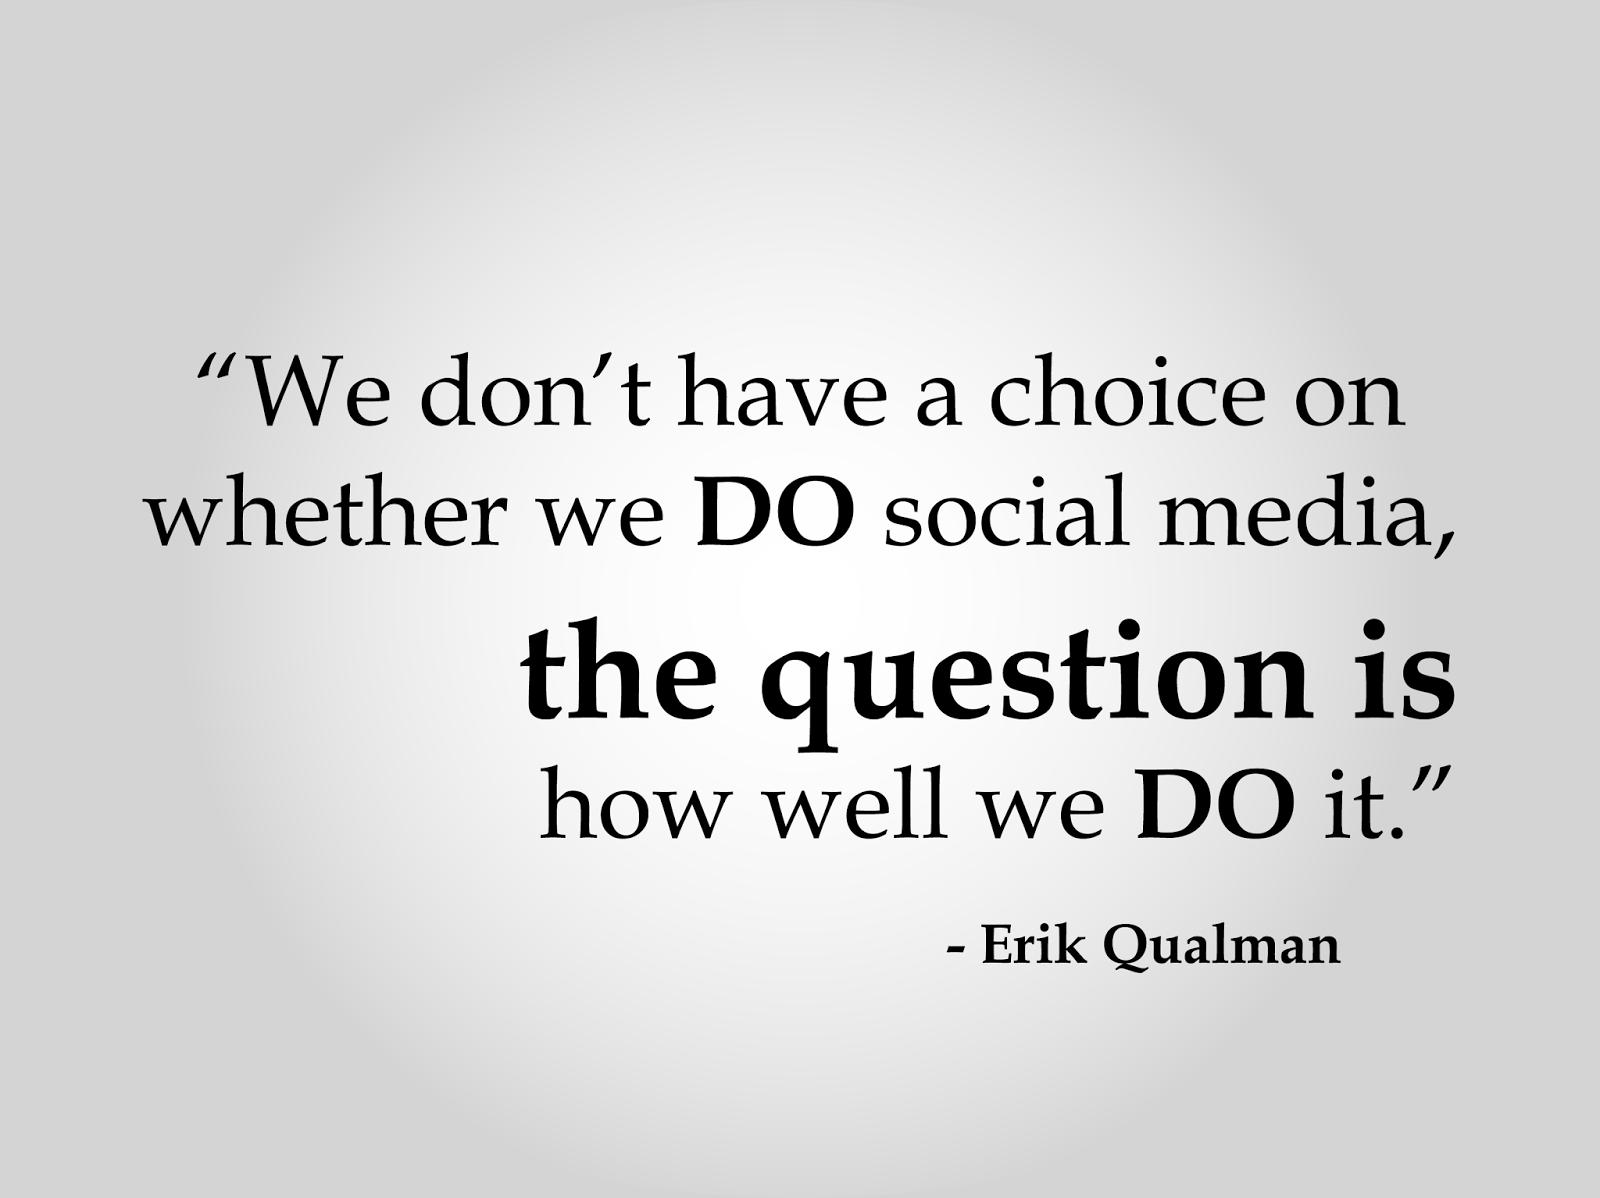 Social media generation gap essay